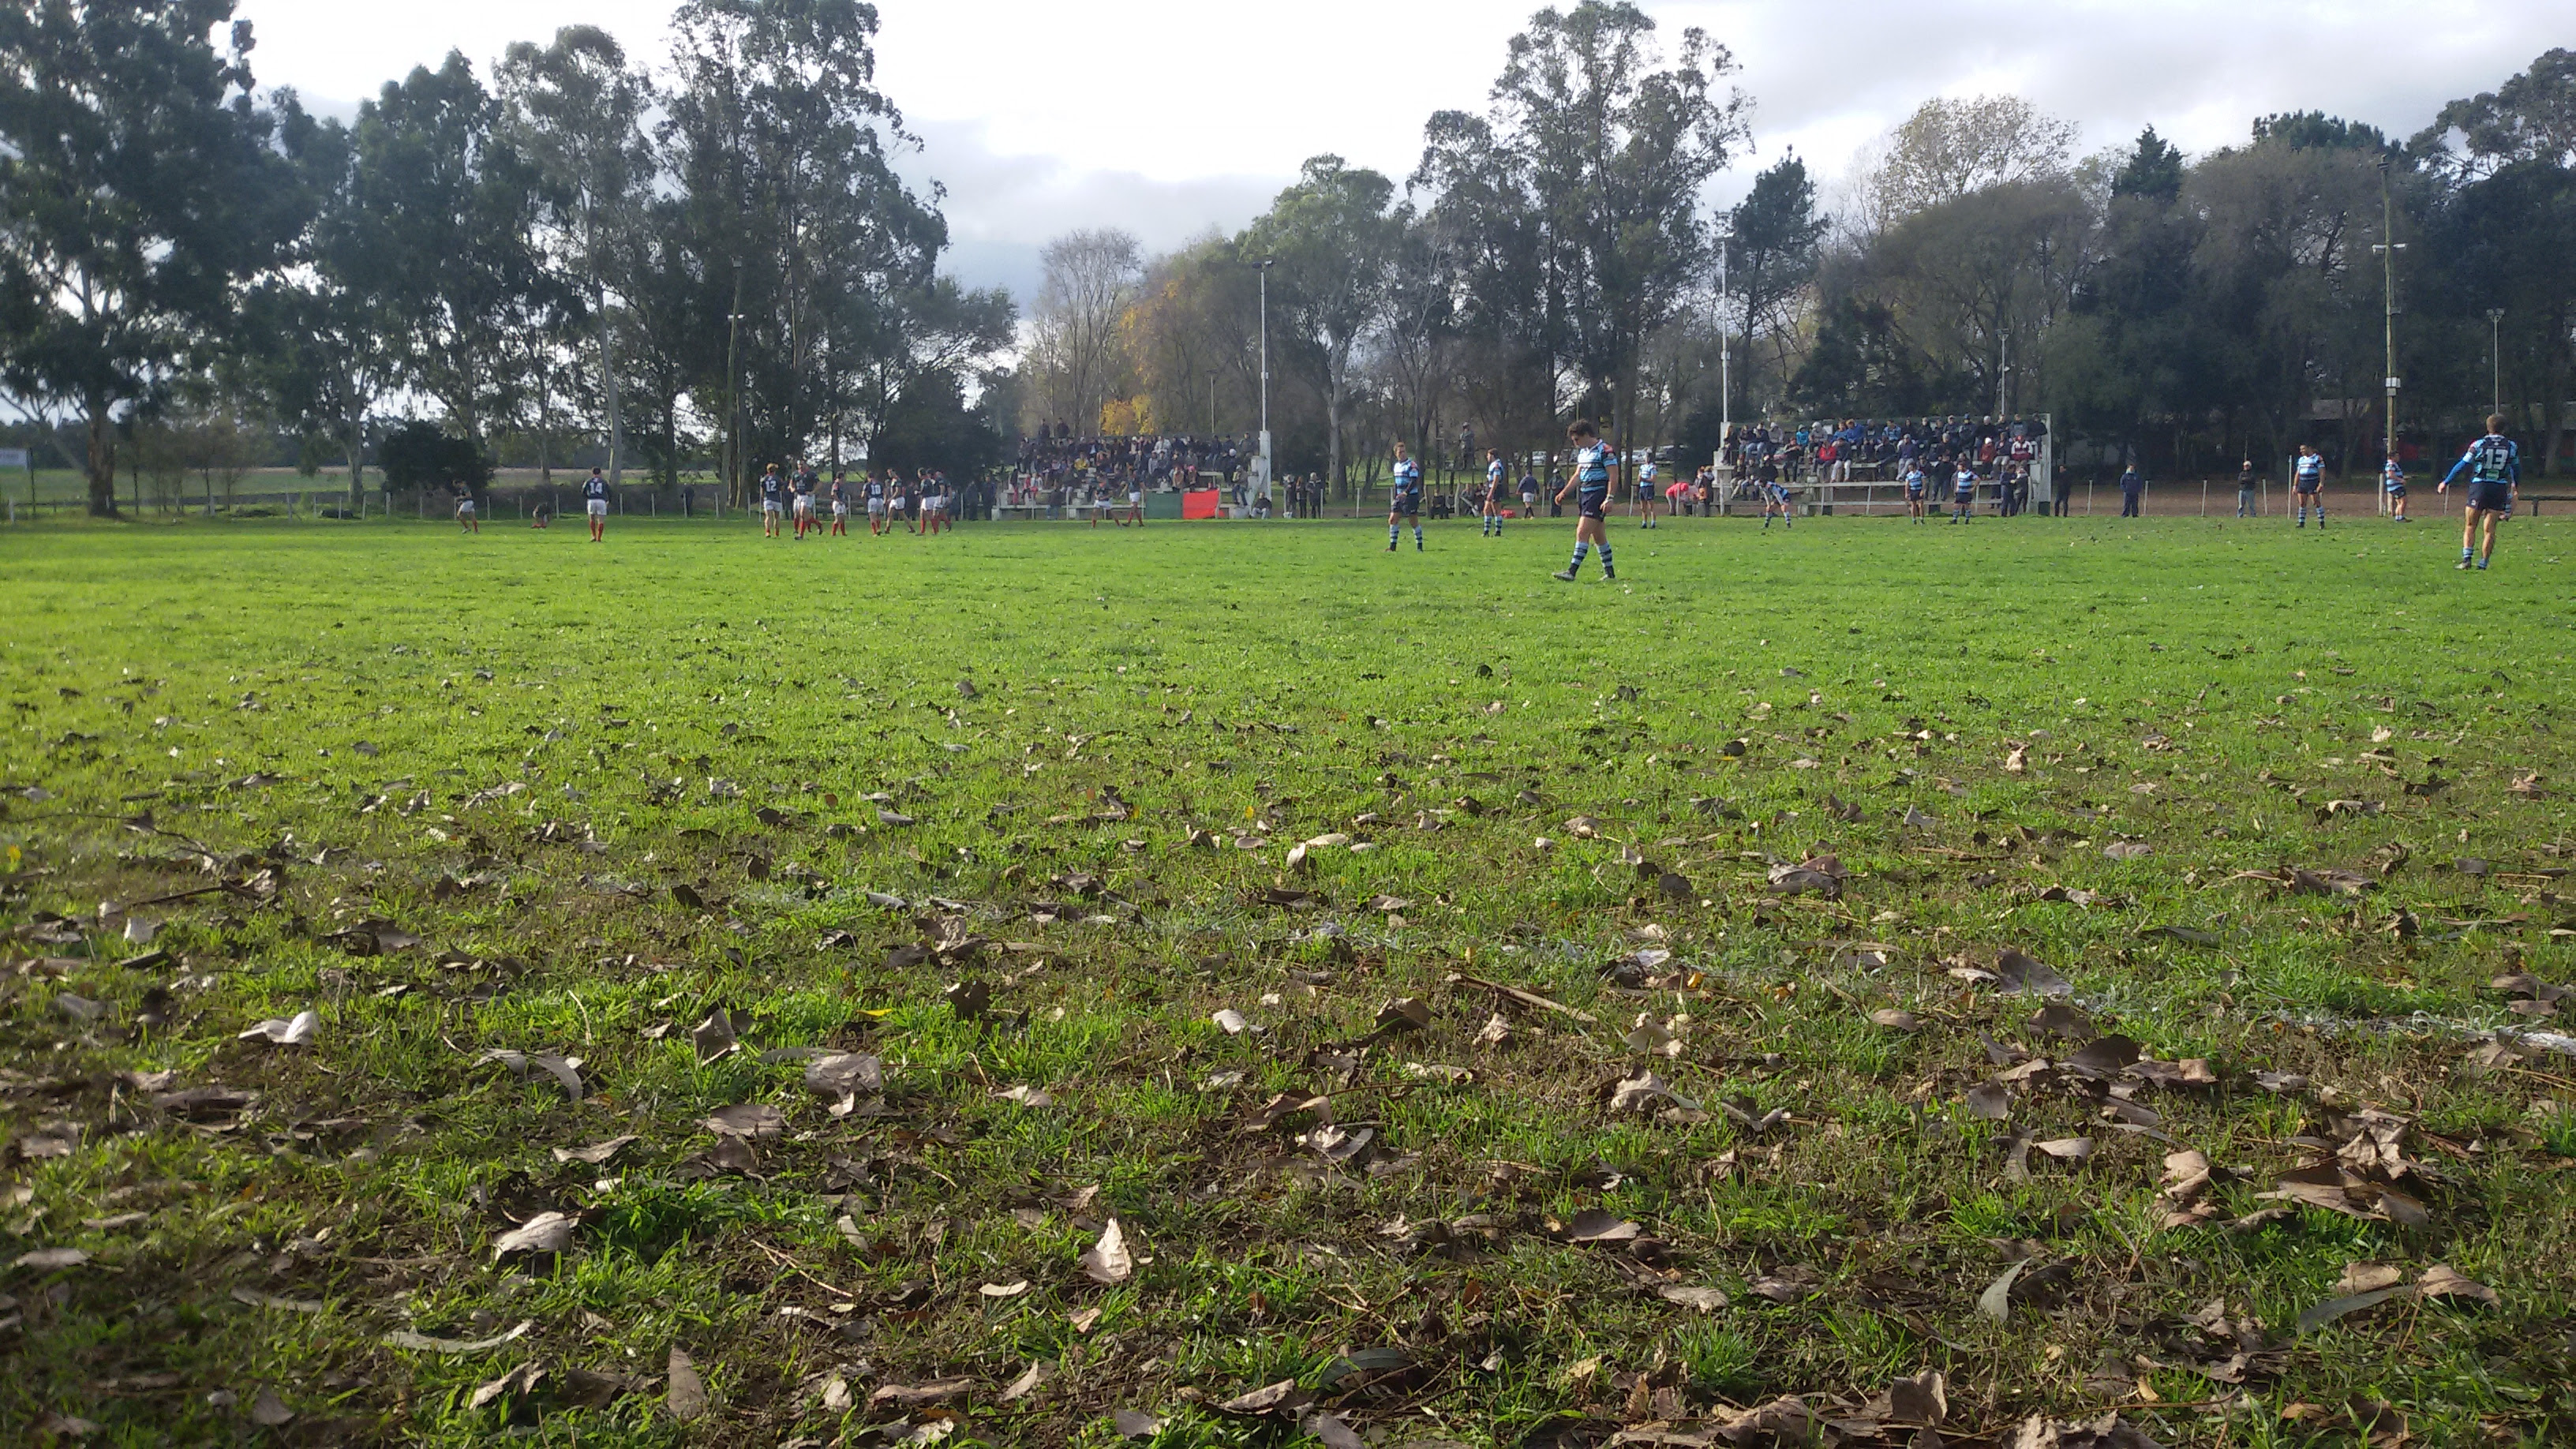 El rugby no tendrá actividad el fin de semana. (Foto: Prensa URMDP)